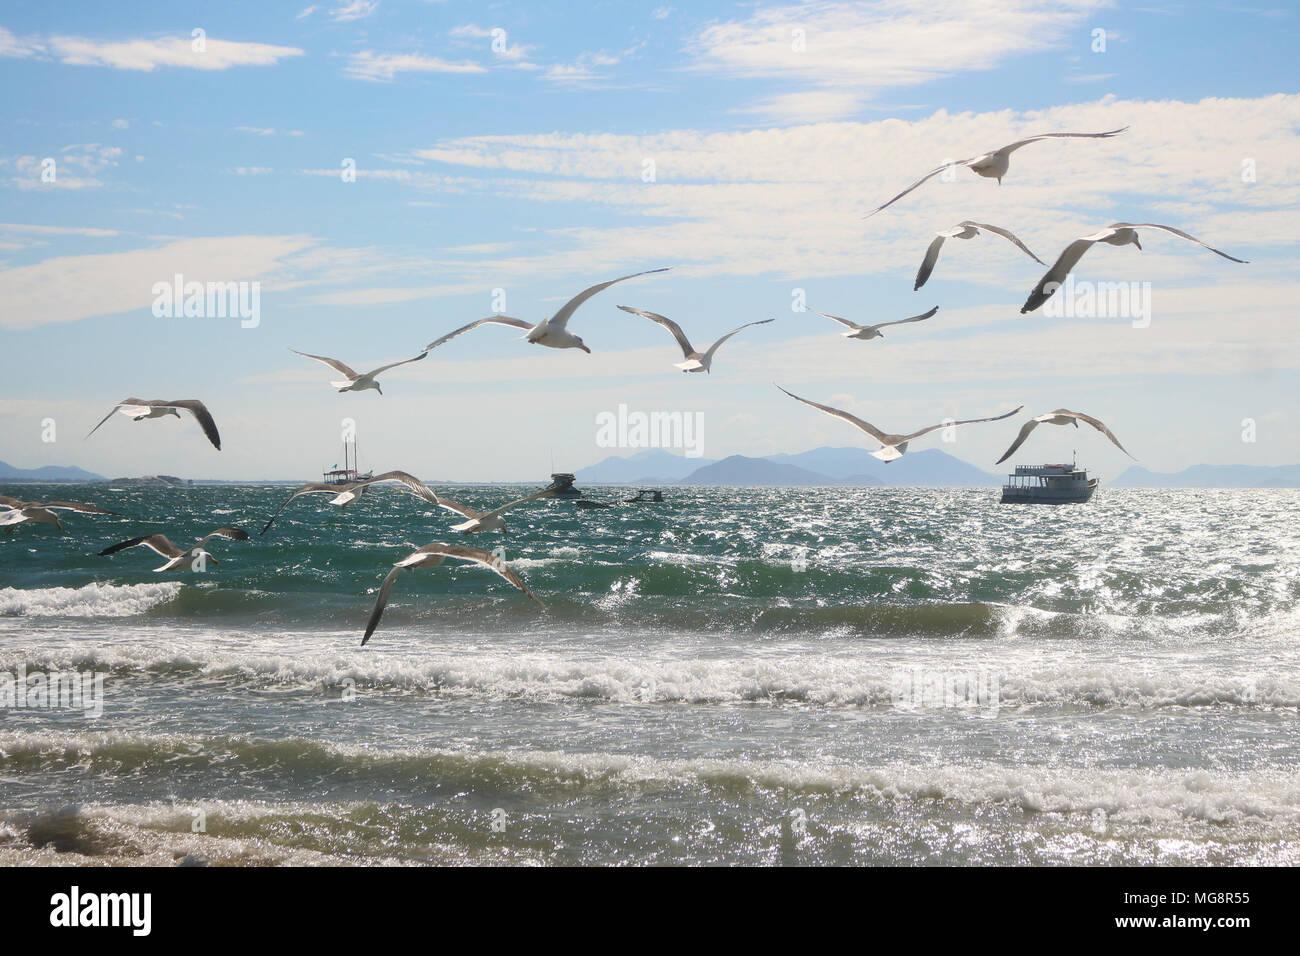 Una bandada de gaviotas en la playa. Un vuelo sobre el mar y sobre los barcos. La certeza de no tener destino y una luz de vida. La armonía, la belleza . Imagen De Stock